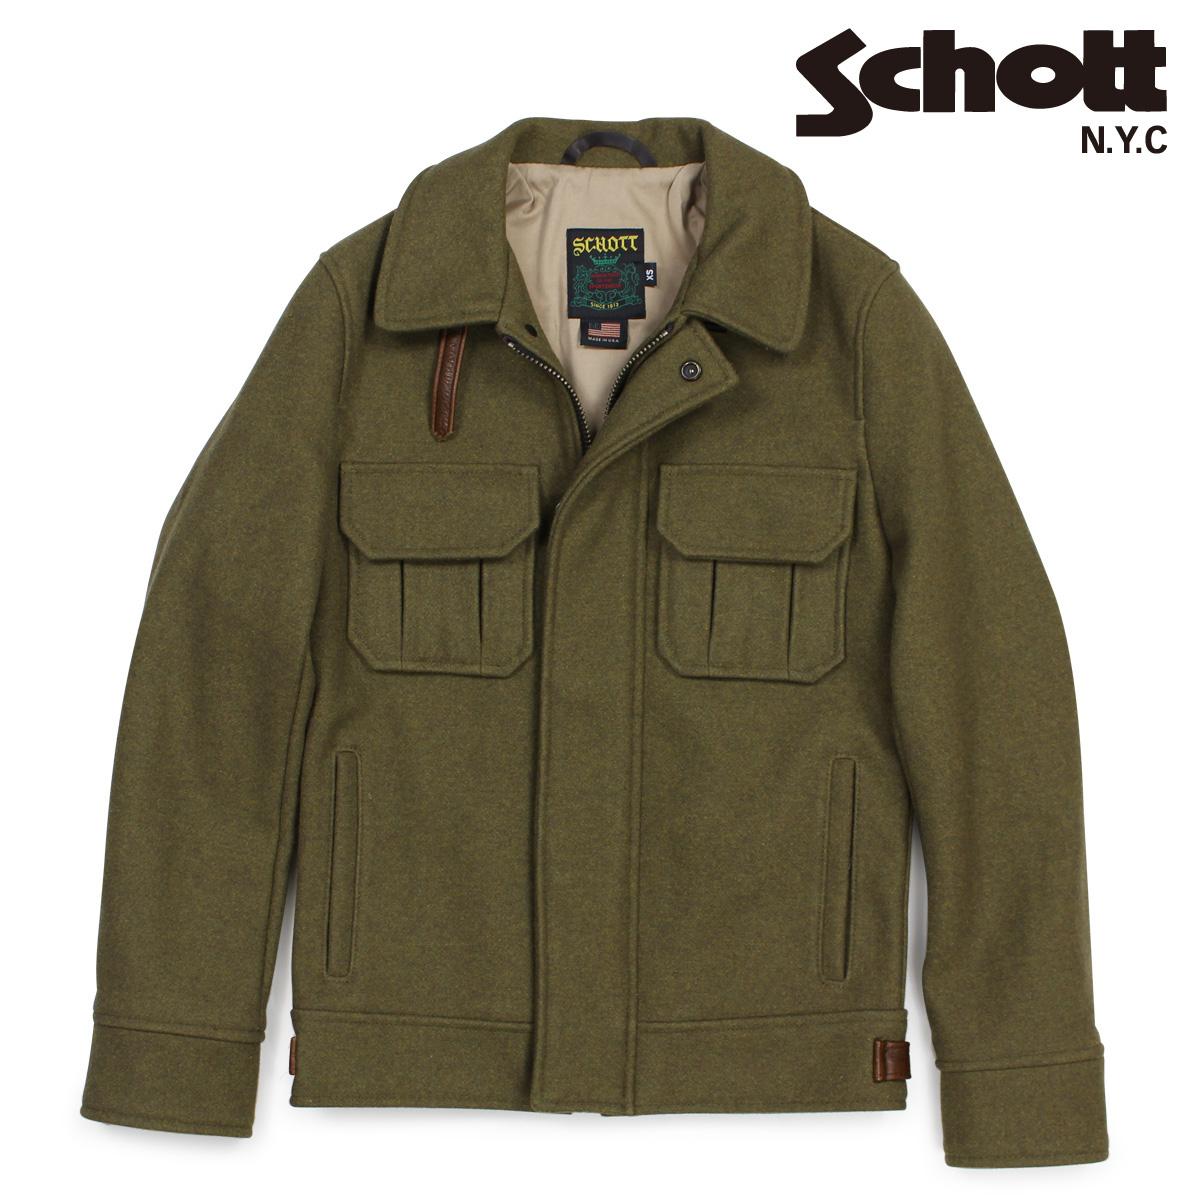 Schott WOOL BLEND EISENHOWER FIELD JACKET ショット ジャケット M65 フィールドジャケット メンズ 720